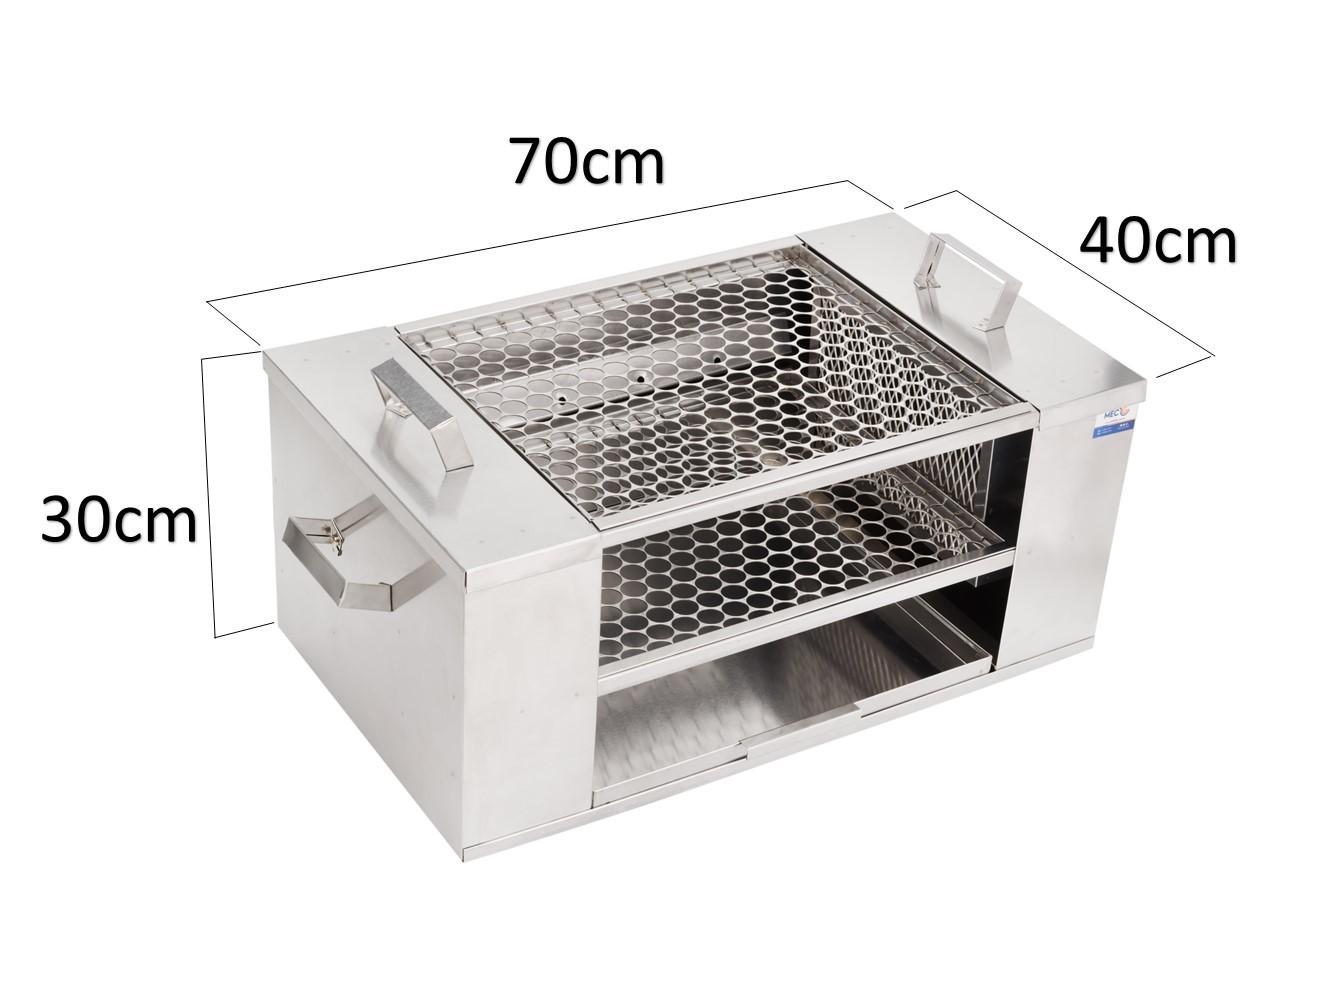 Churrasqueira Para Apartamento Ecológica Sem Fumaça De Embutir 70 cm x 40 cm